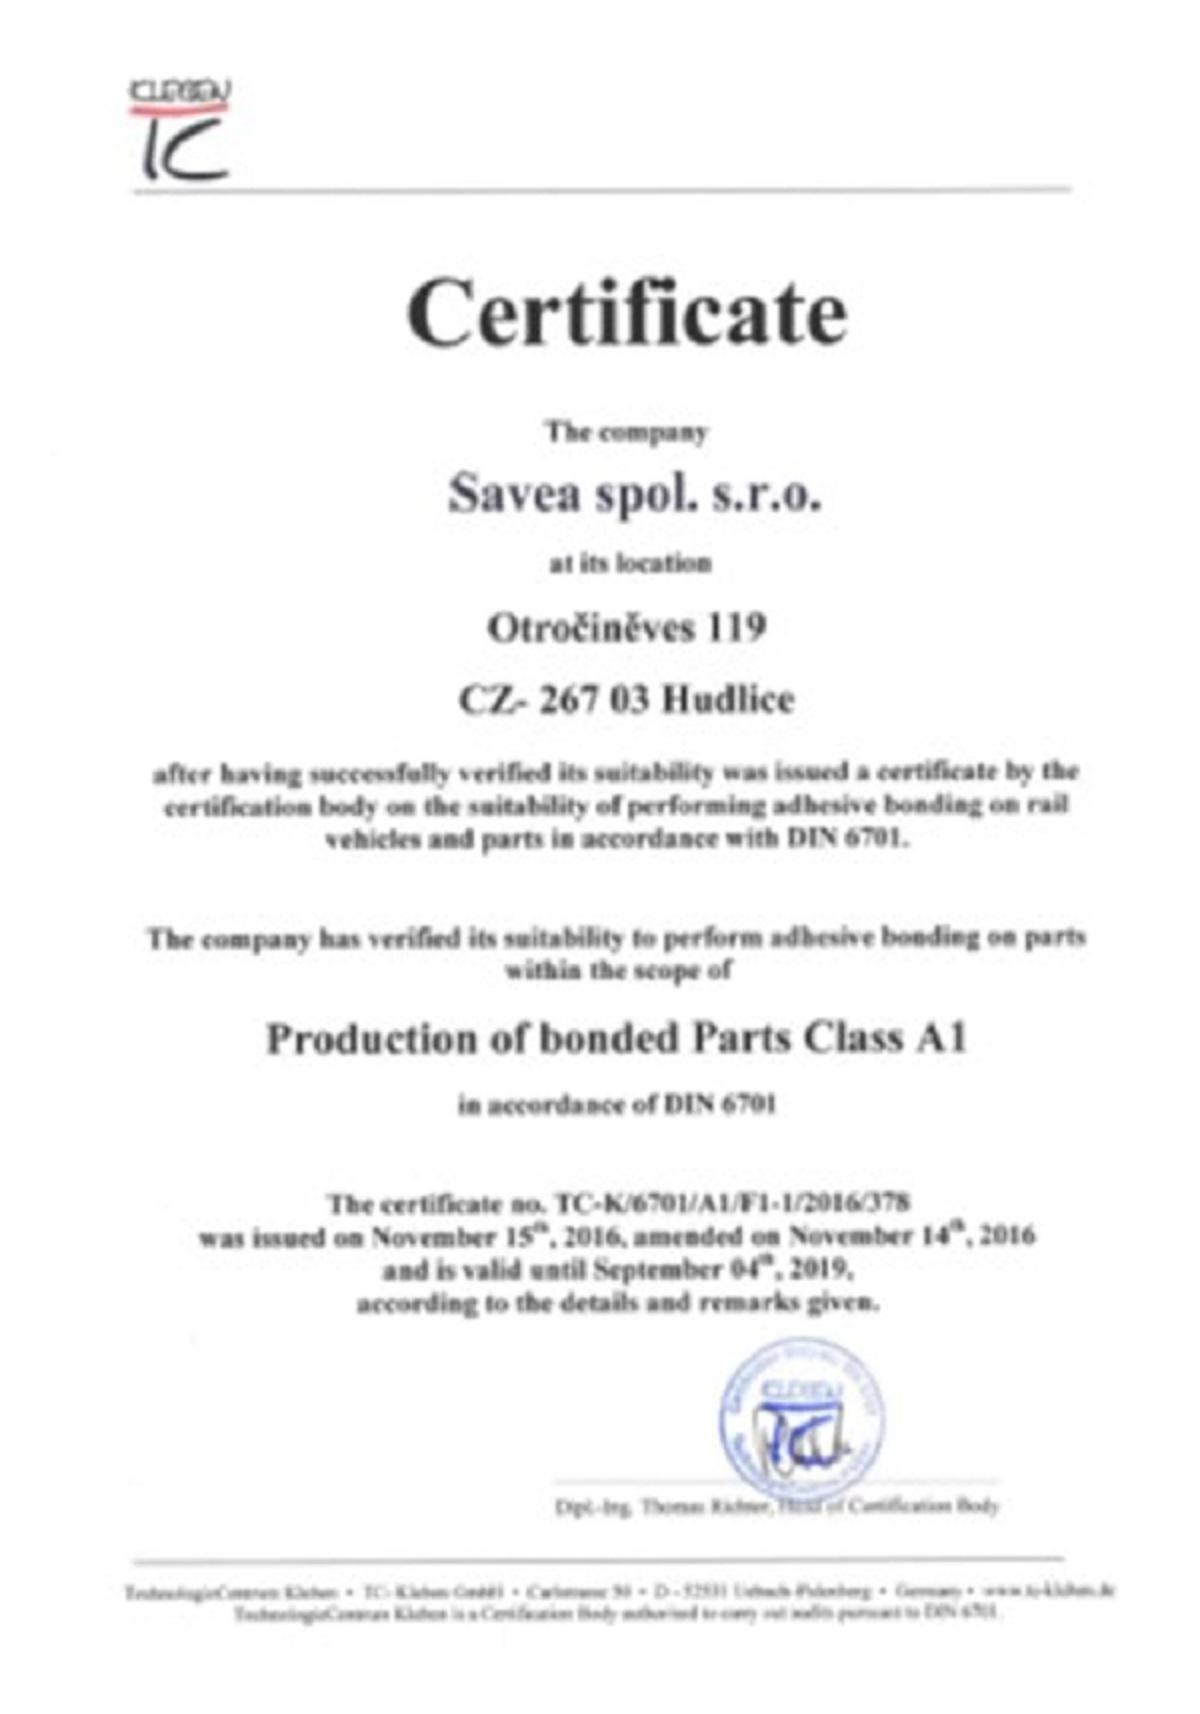 DIN 6701 Class A1